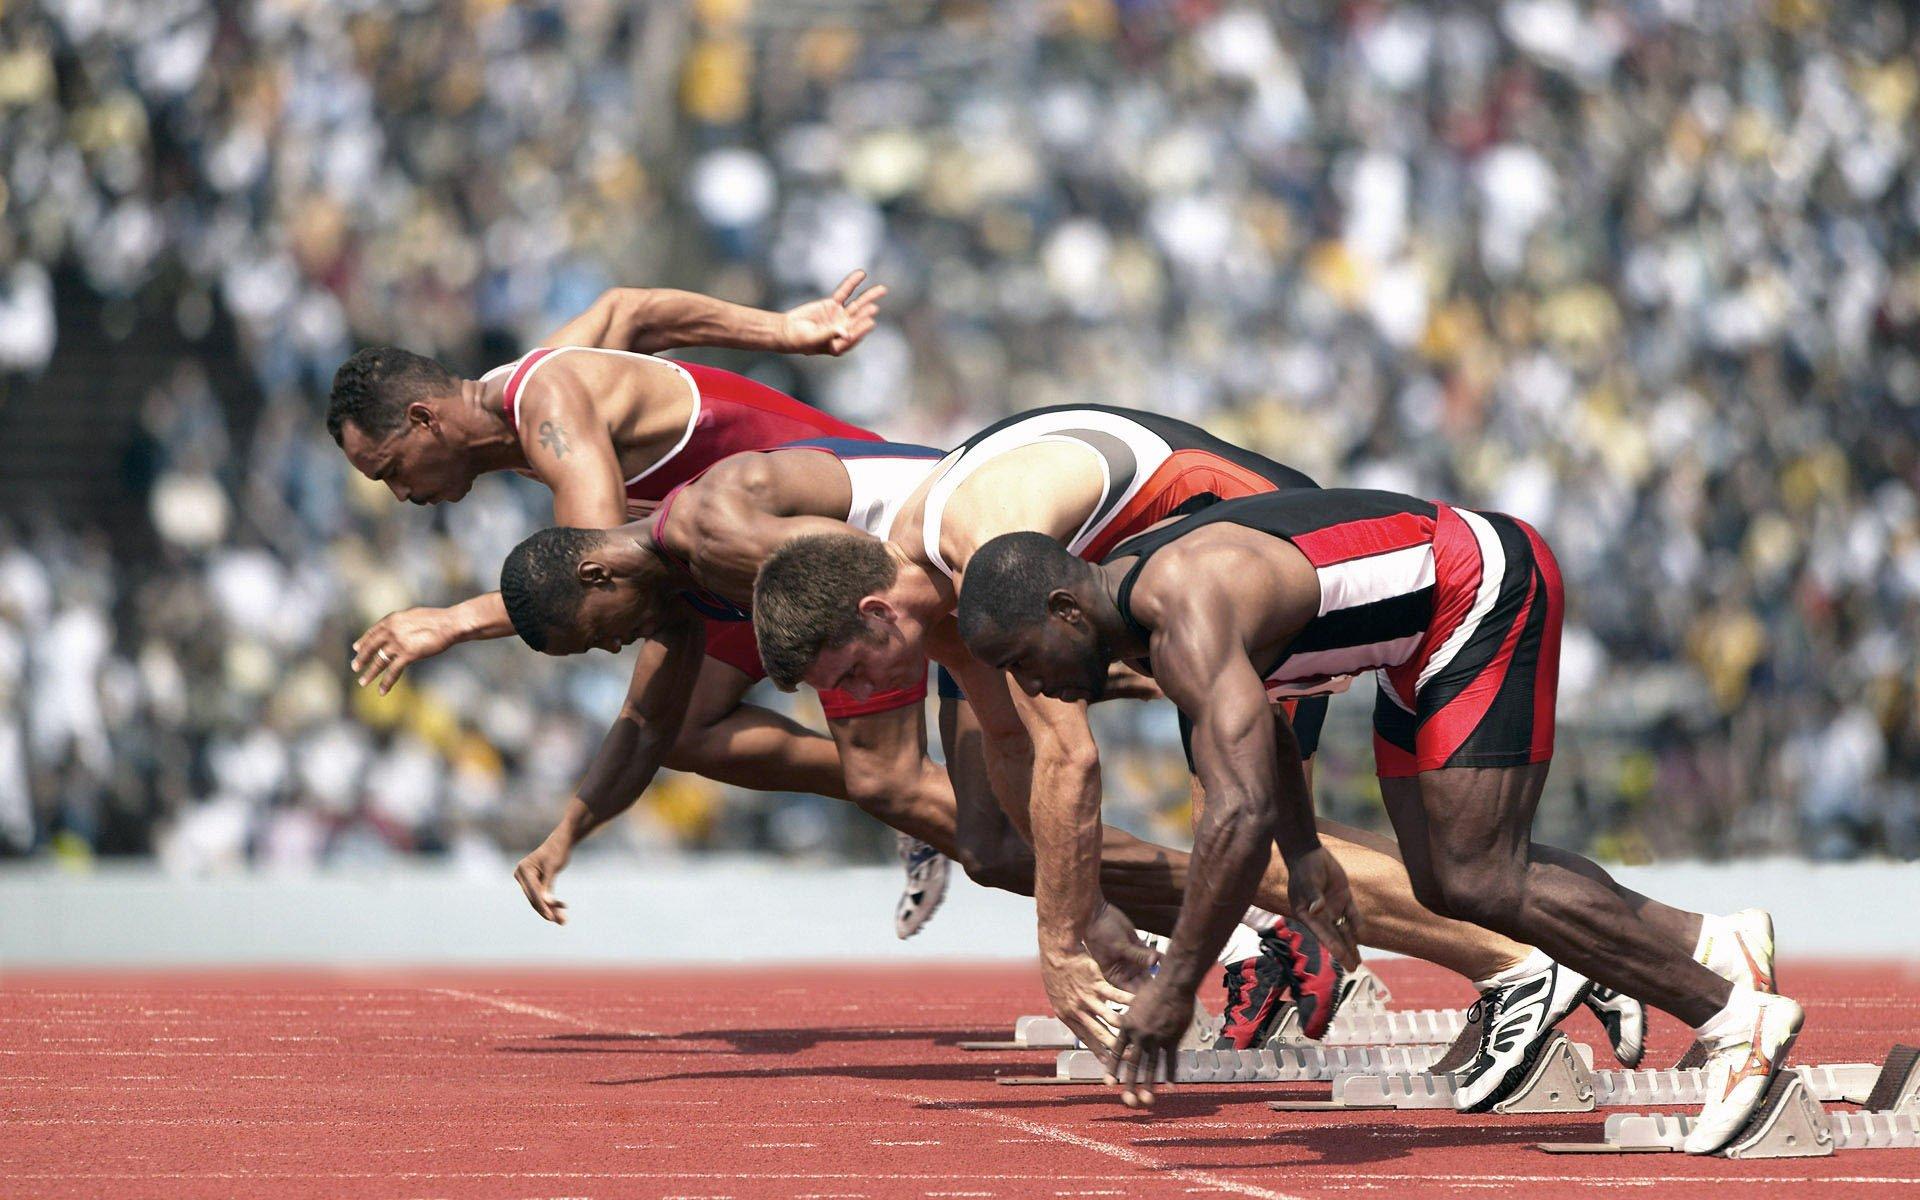 парохода картинки на тему победа в спорте расскажем уходе этими